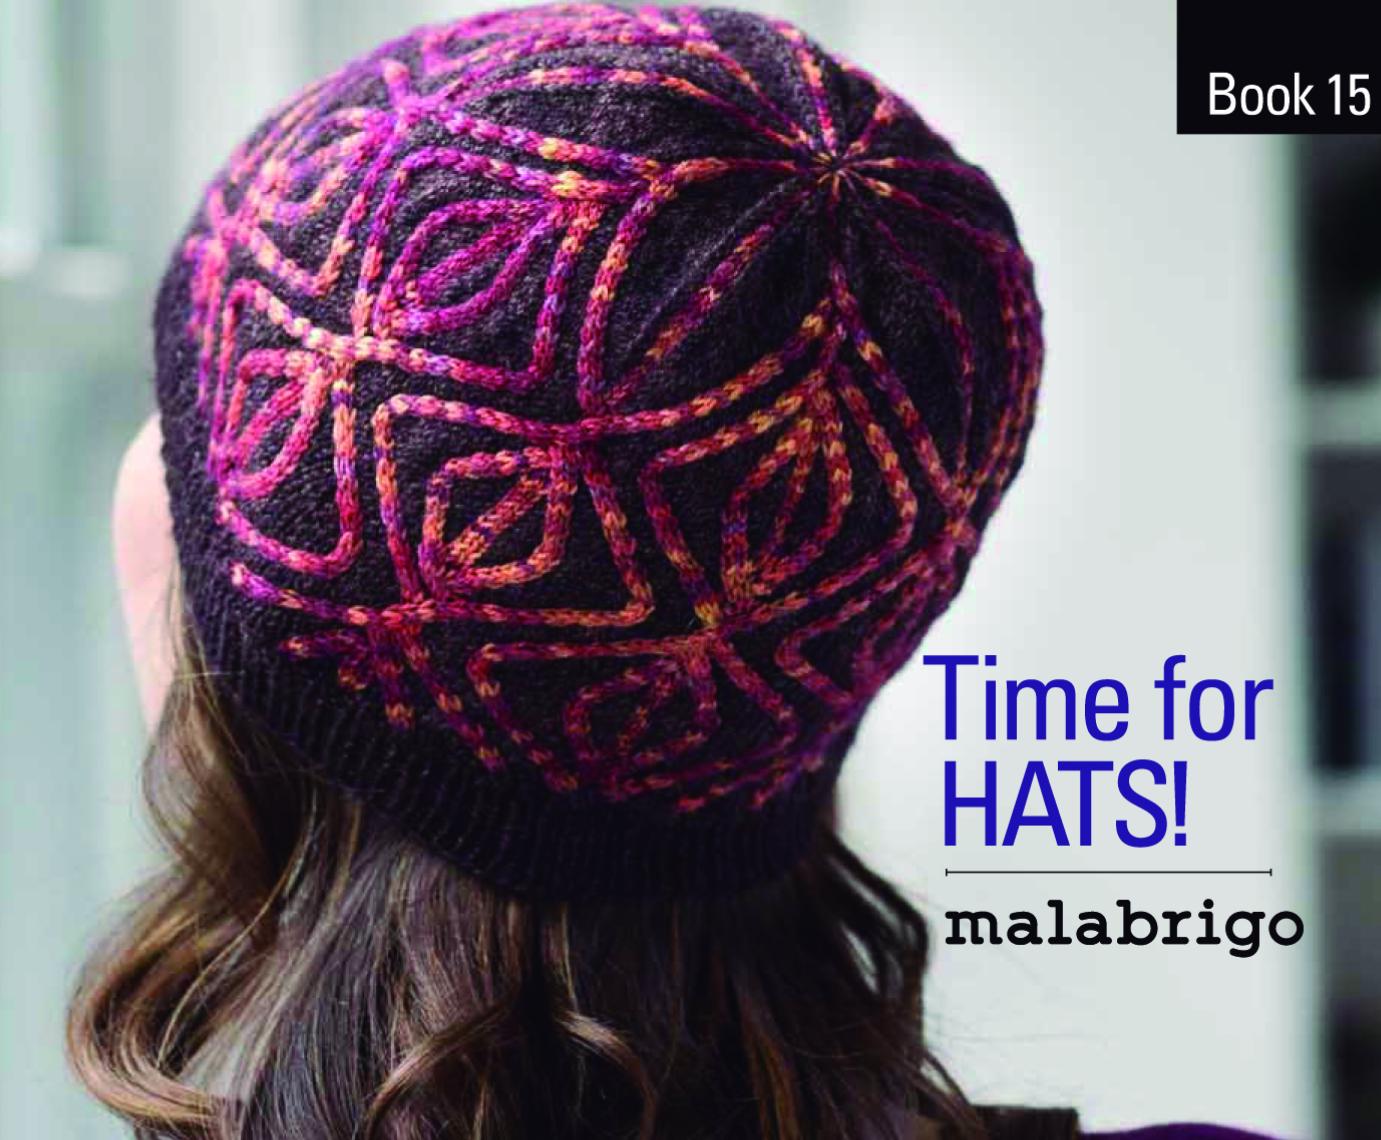 Malabrigo Book 15: Time For Hats